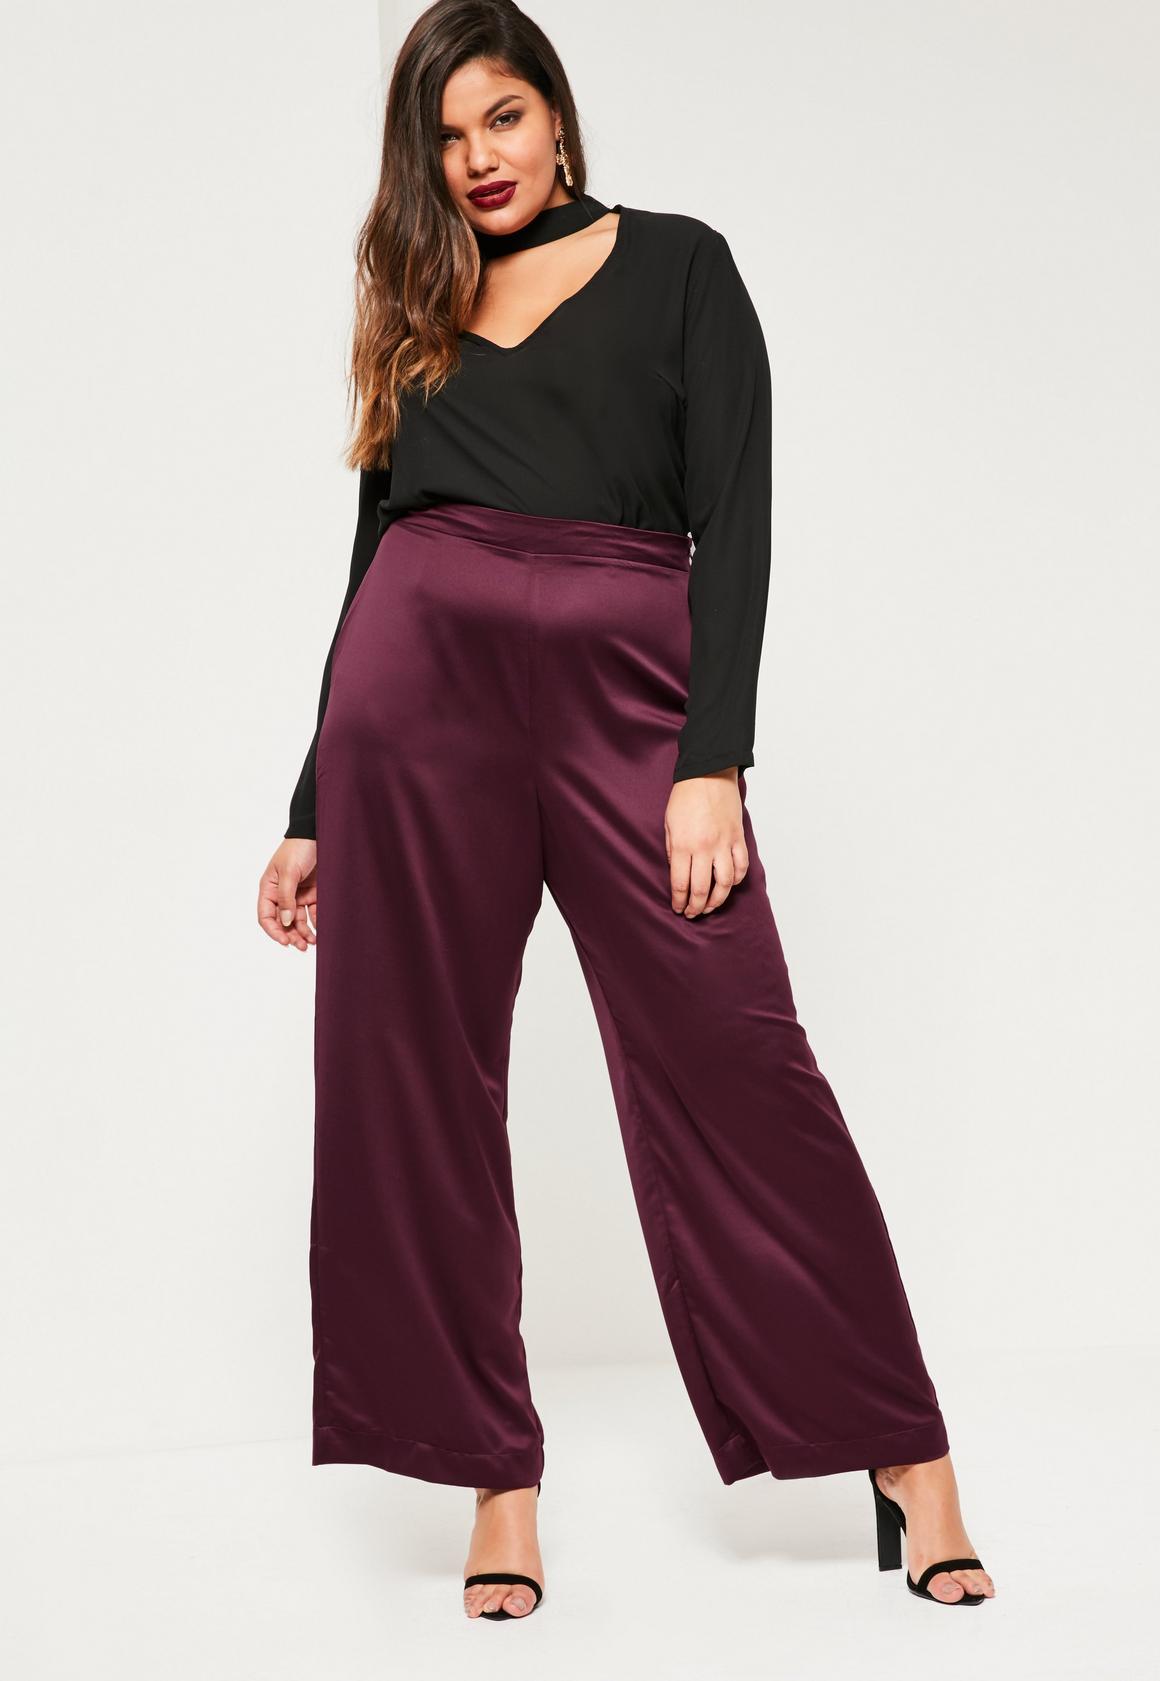 plus size exclusive purple satin wide leg pants   missguided australia